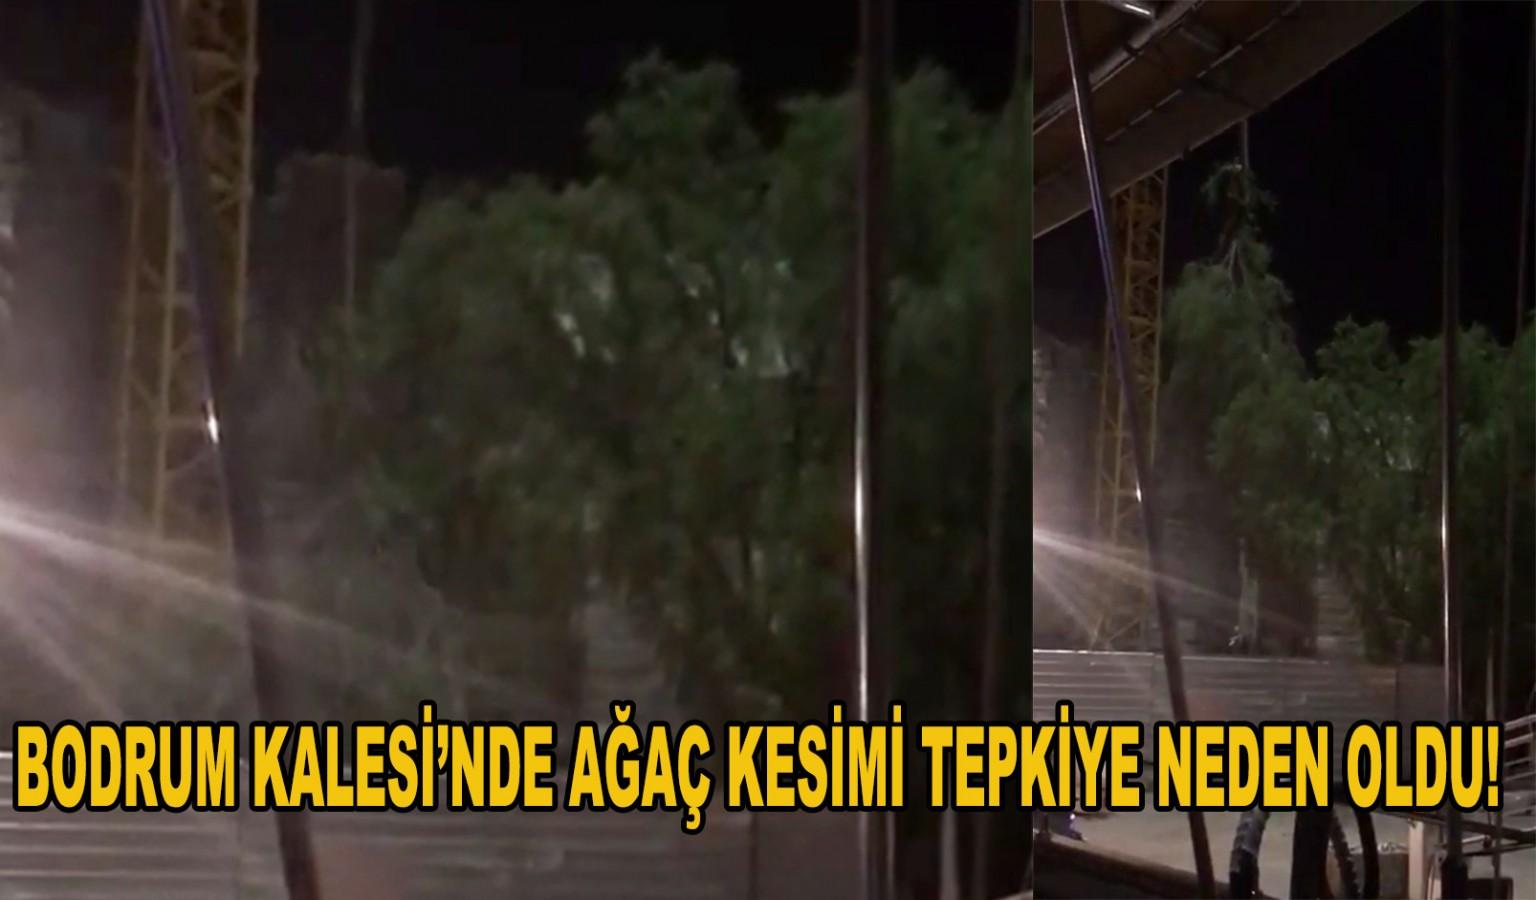 BODRUM KALESİ'NDE AĞAÇ KESİMİ TEPKİYE NEDEN OLDU!